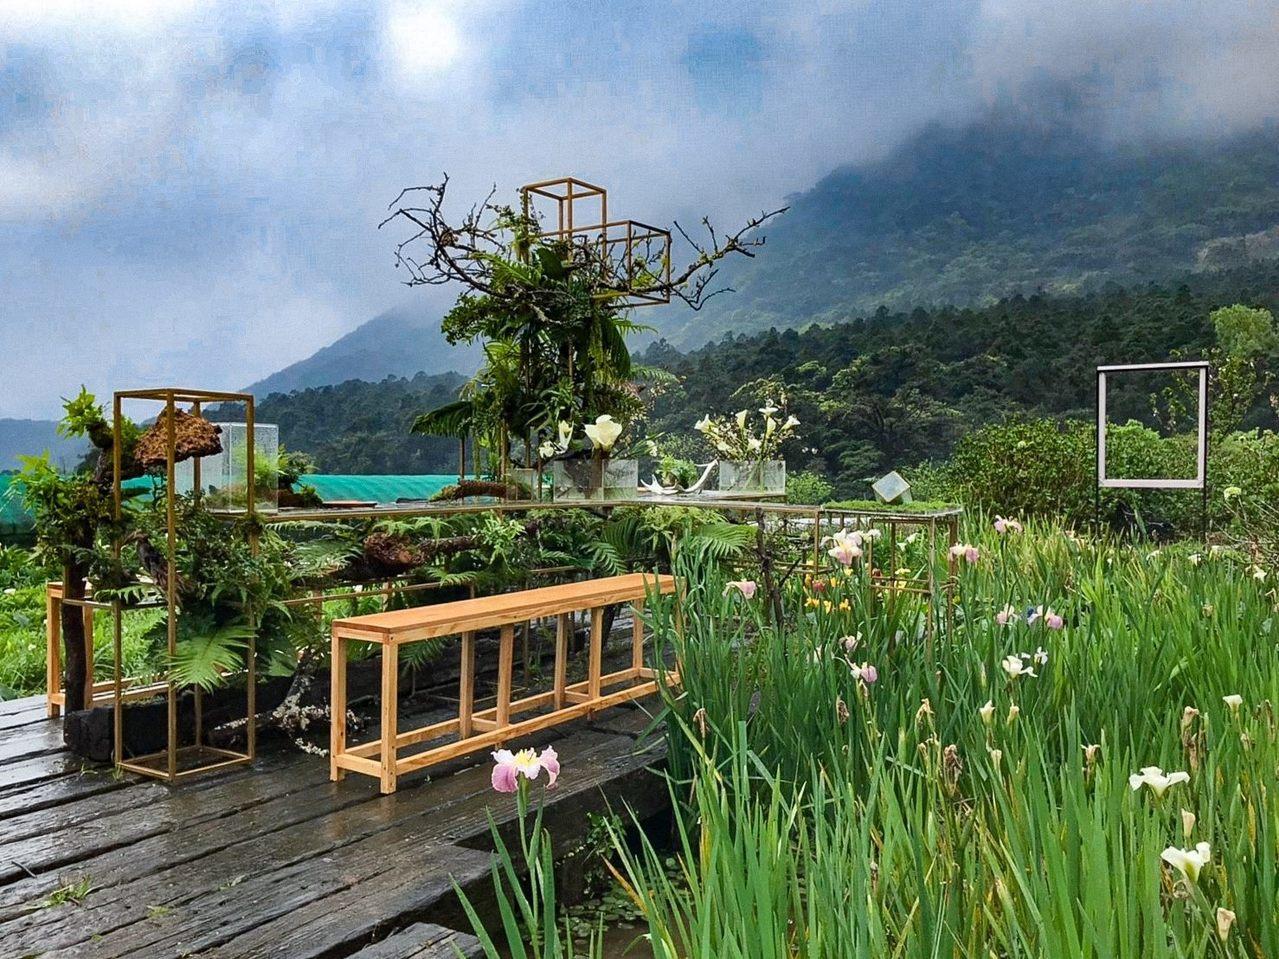 竹子湖位於陽明山國家公園境內,擁有獨一無二的世界級景觀,以及由當地農民親自種植的...